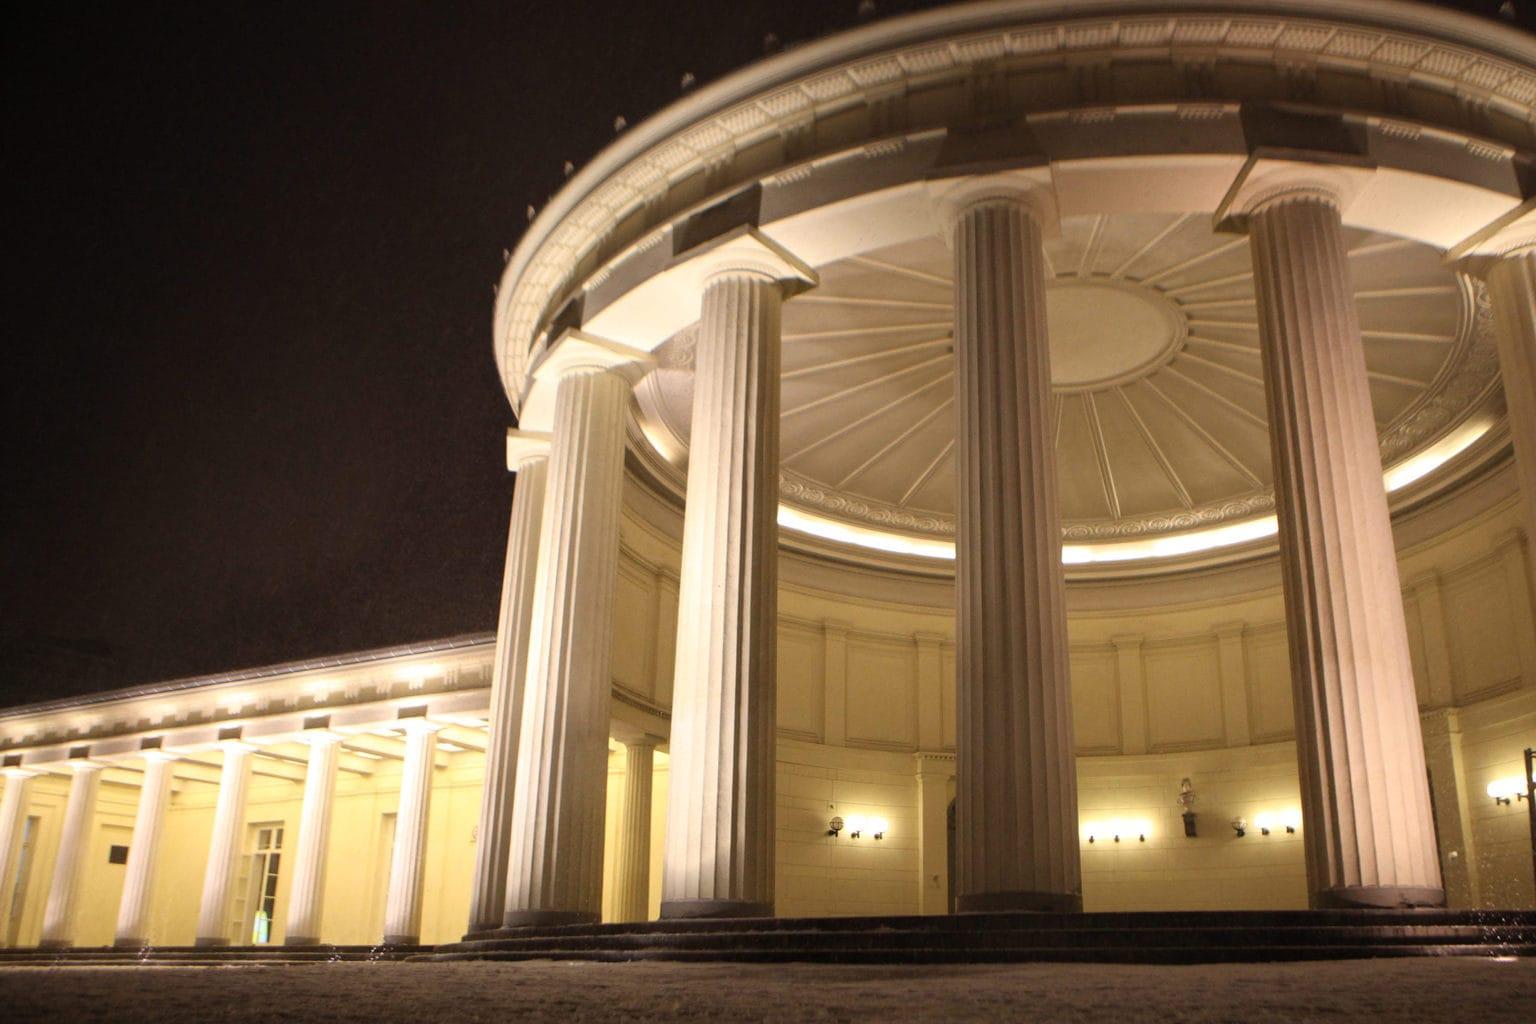 De Elisenbrunnen in Aken is een prachtig neoclassicistisch gebouw